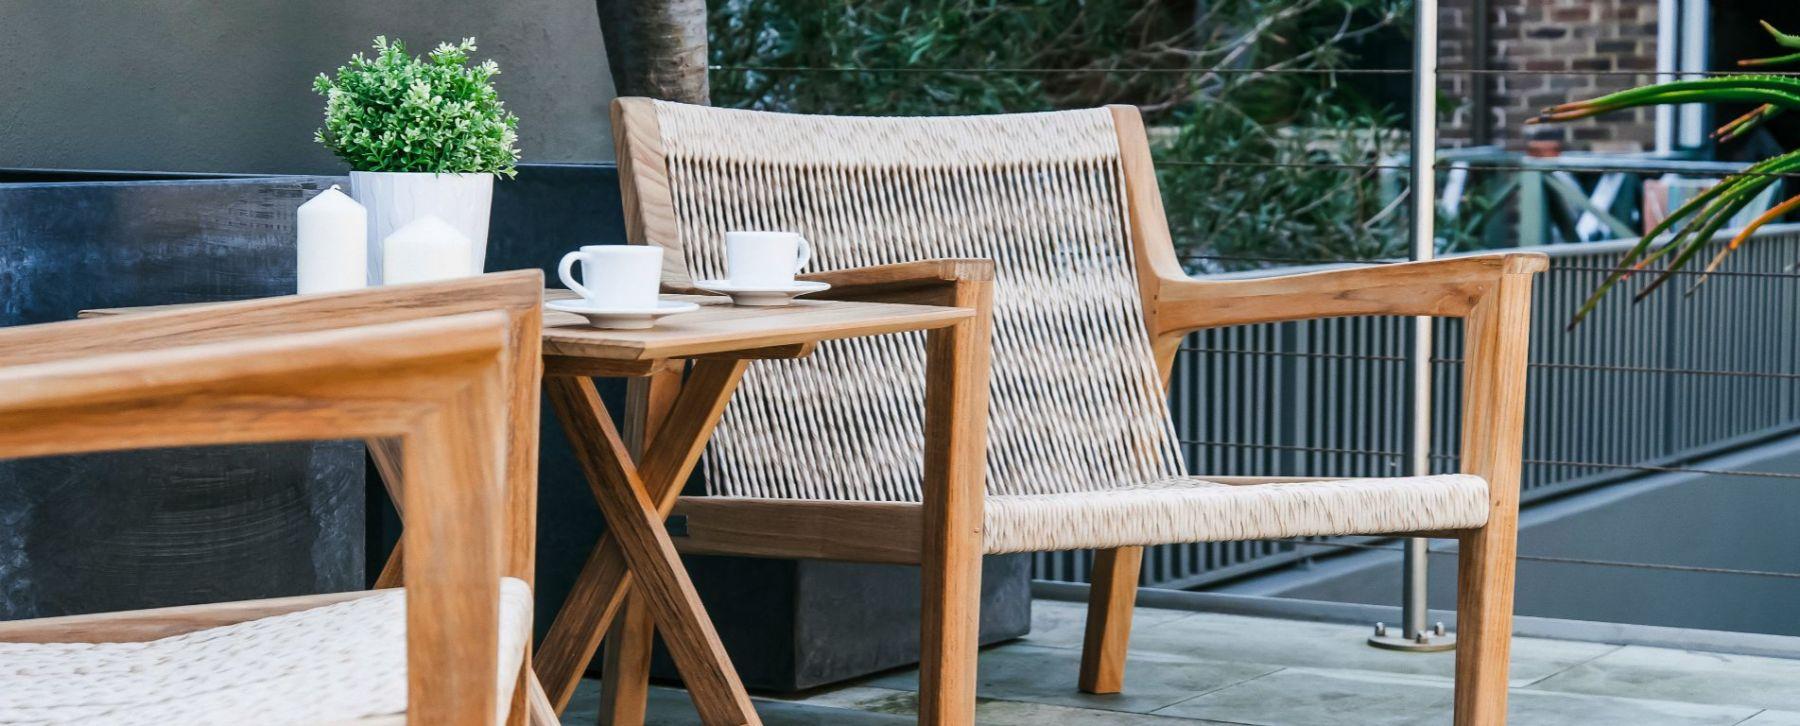 Modern Rattan Weaving Teak Rocking Chair Rope Pool Furniture